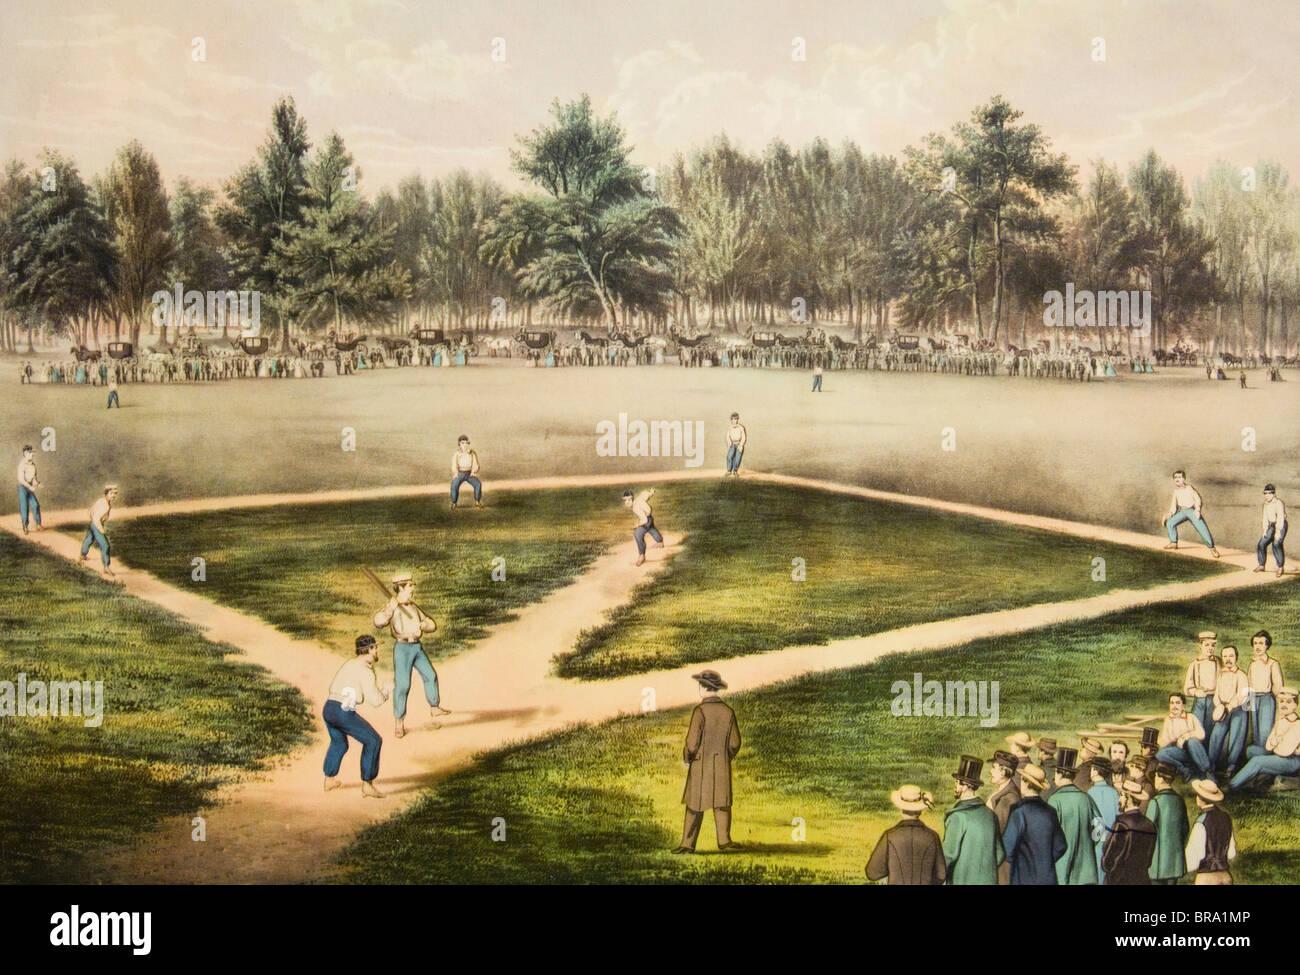 CURRIER & IVES ENGRAVING CHAMPIONSHIP BASEBALL GAME ELYSIAN FIELDS HOBOKEN NJ 1800s 1860s 1865 BASE BALL GAME - Stock Image